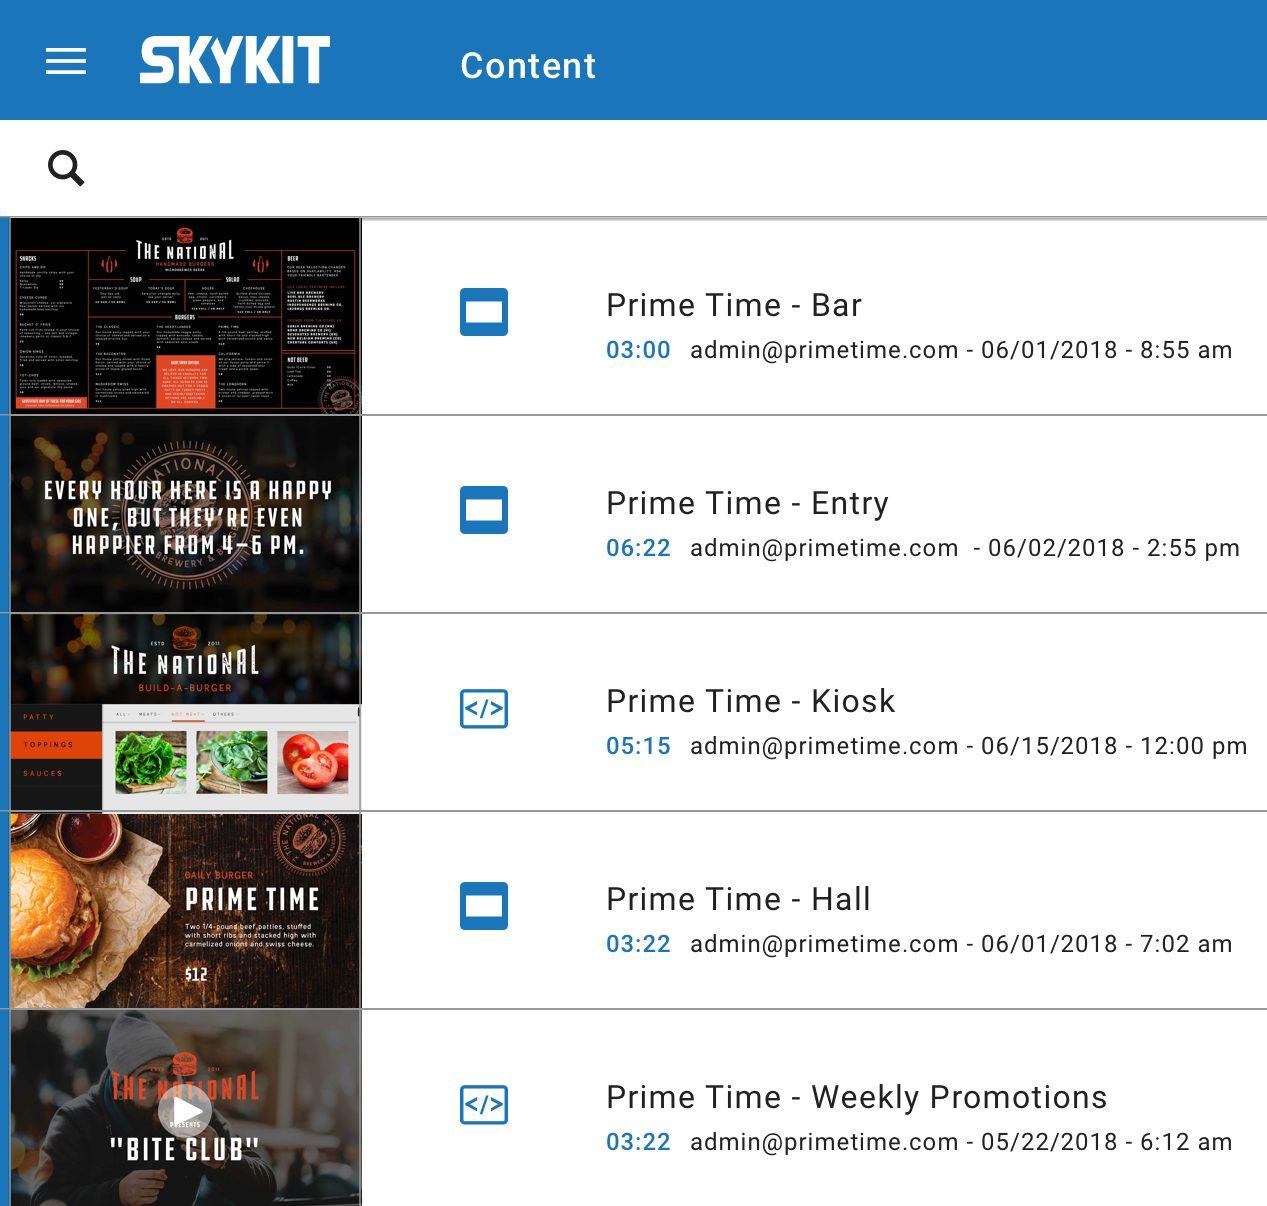 skykit content options